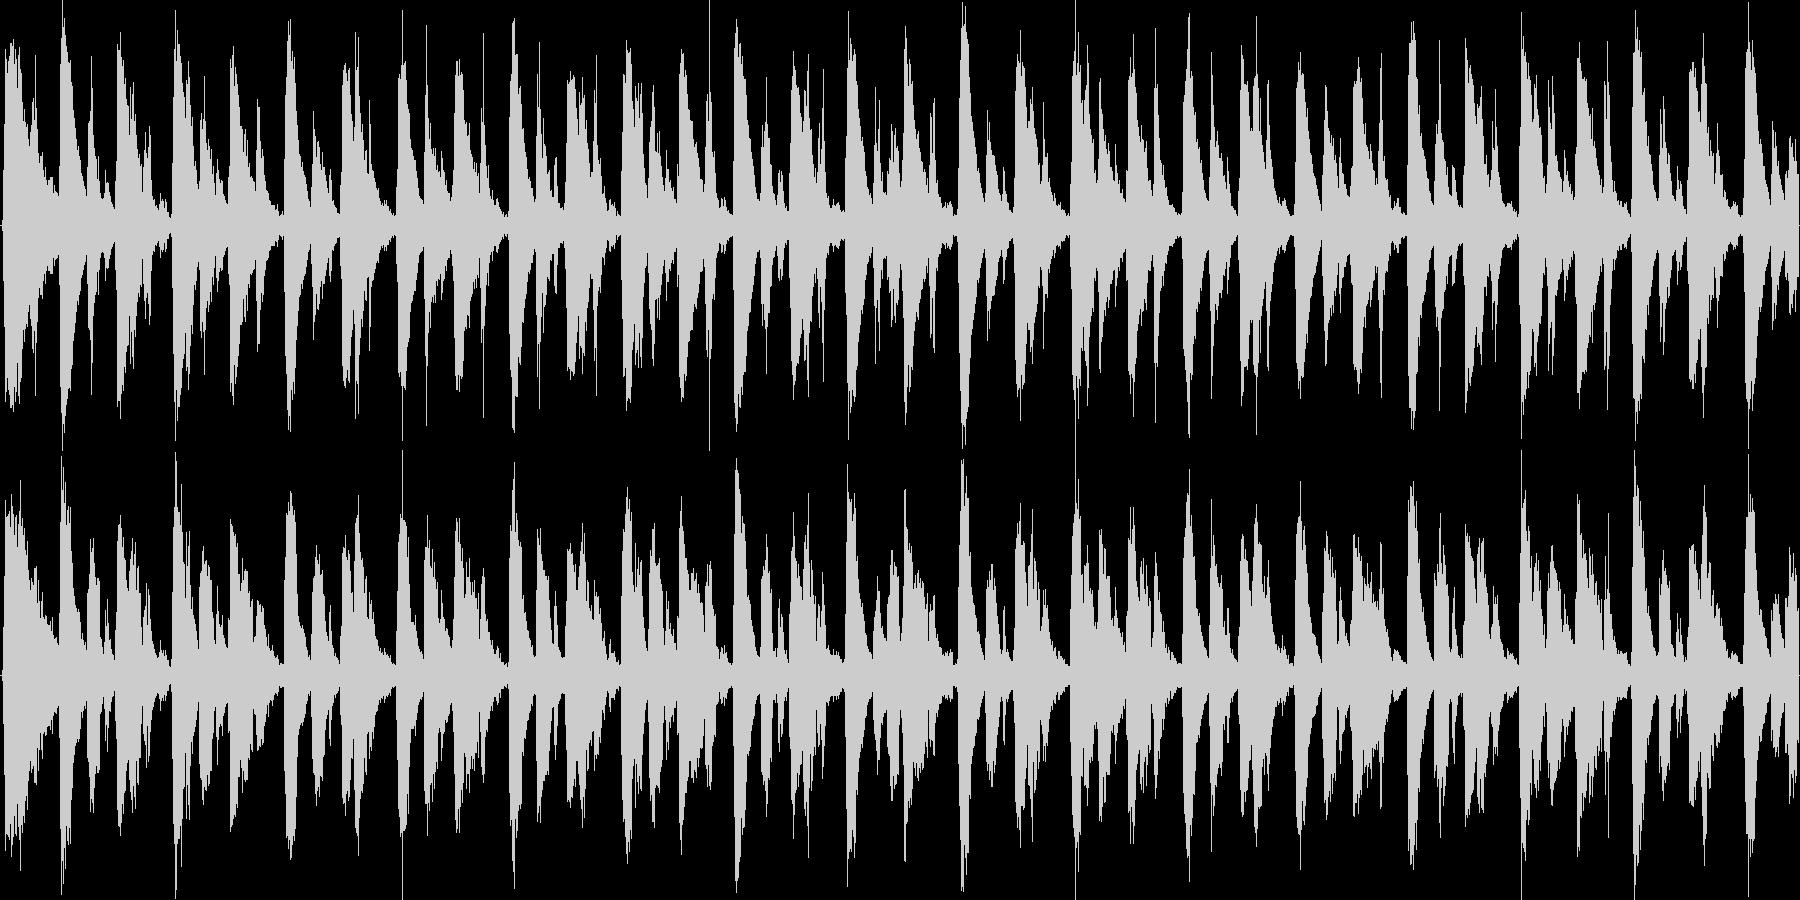 スタイリッシュなパーカッションテクノの未再生の波形